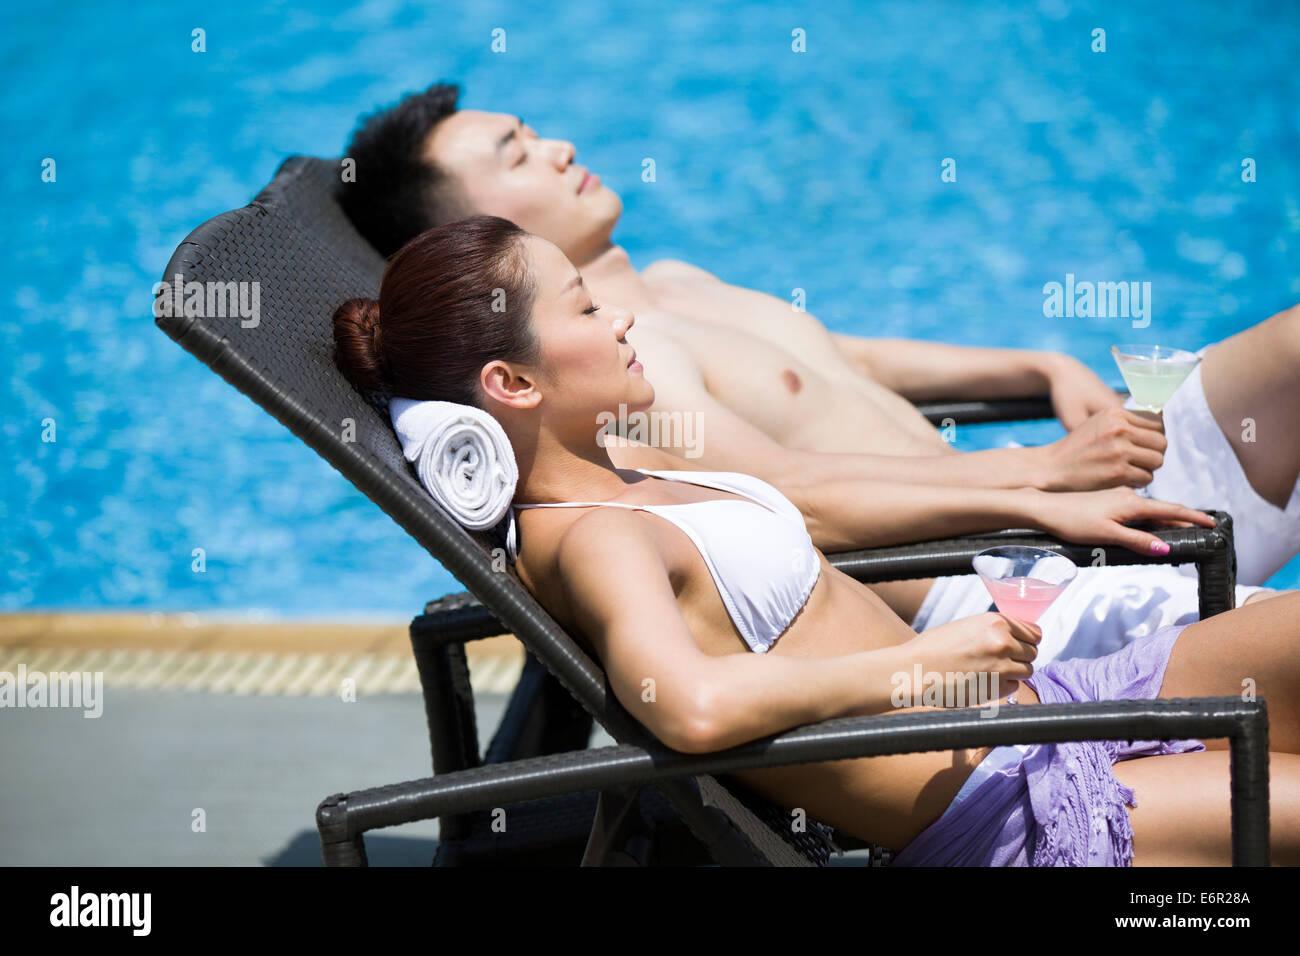 Pareja joven tomando el sol en la piscina. Foto de stock